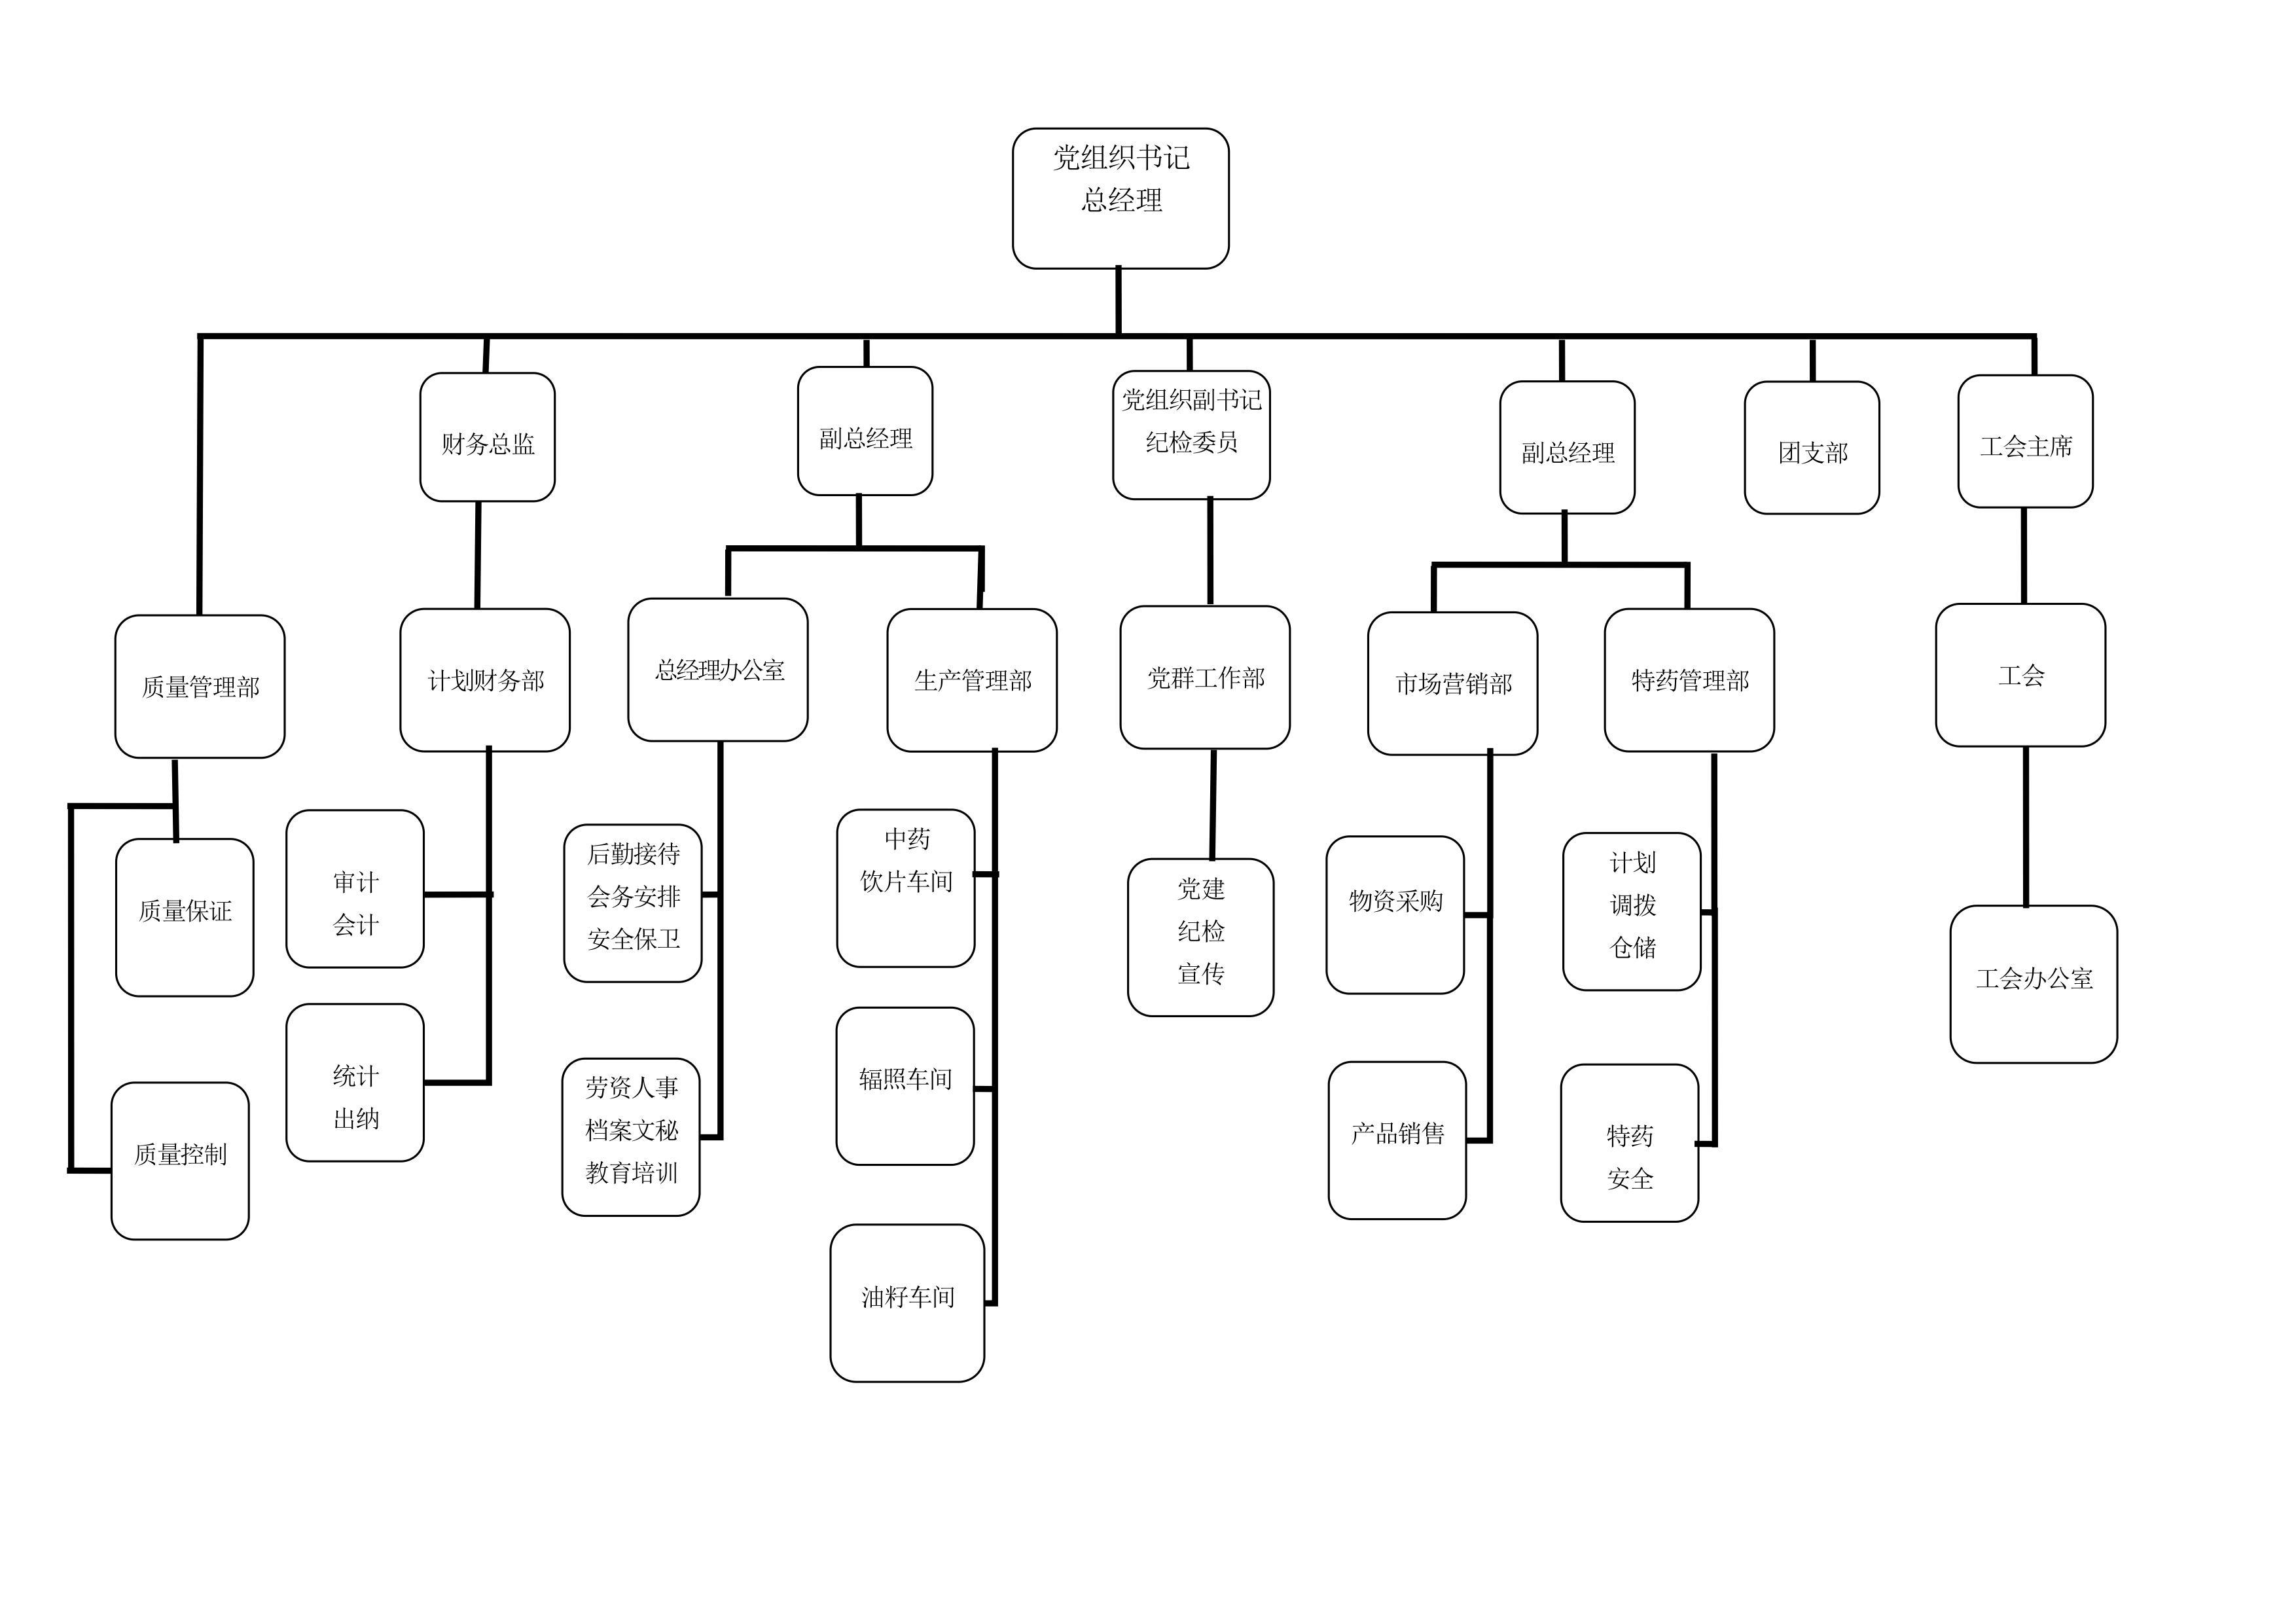 公司組織機構圖-20200104